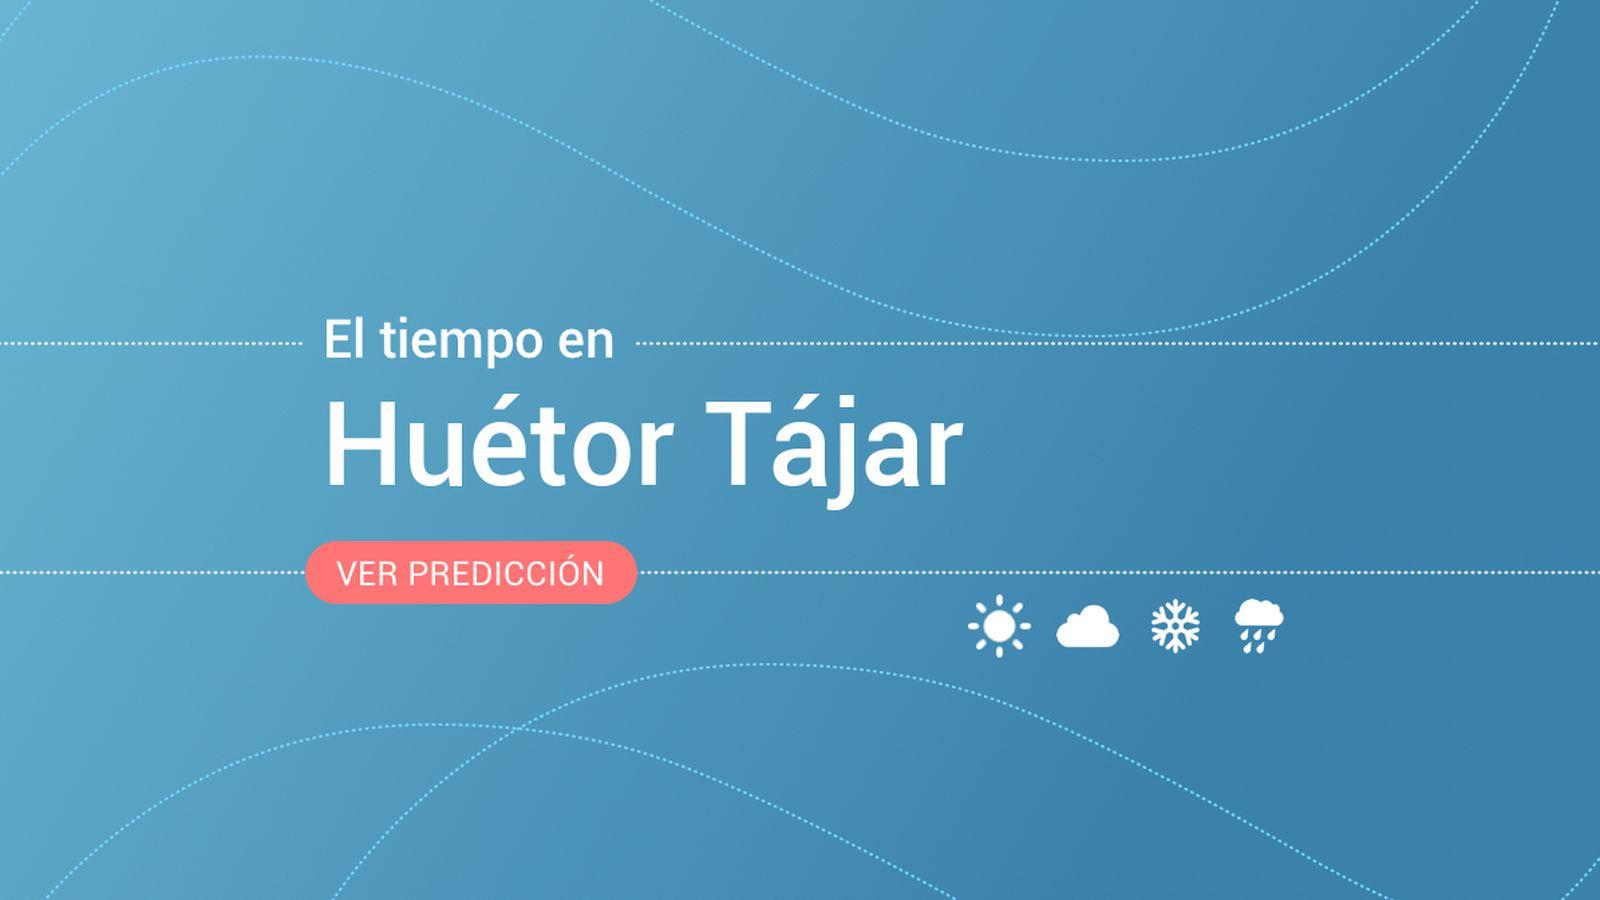 Foto: El tiempo en Huétor Tájar. (EC)